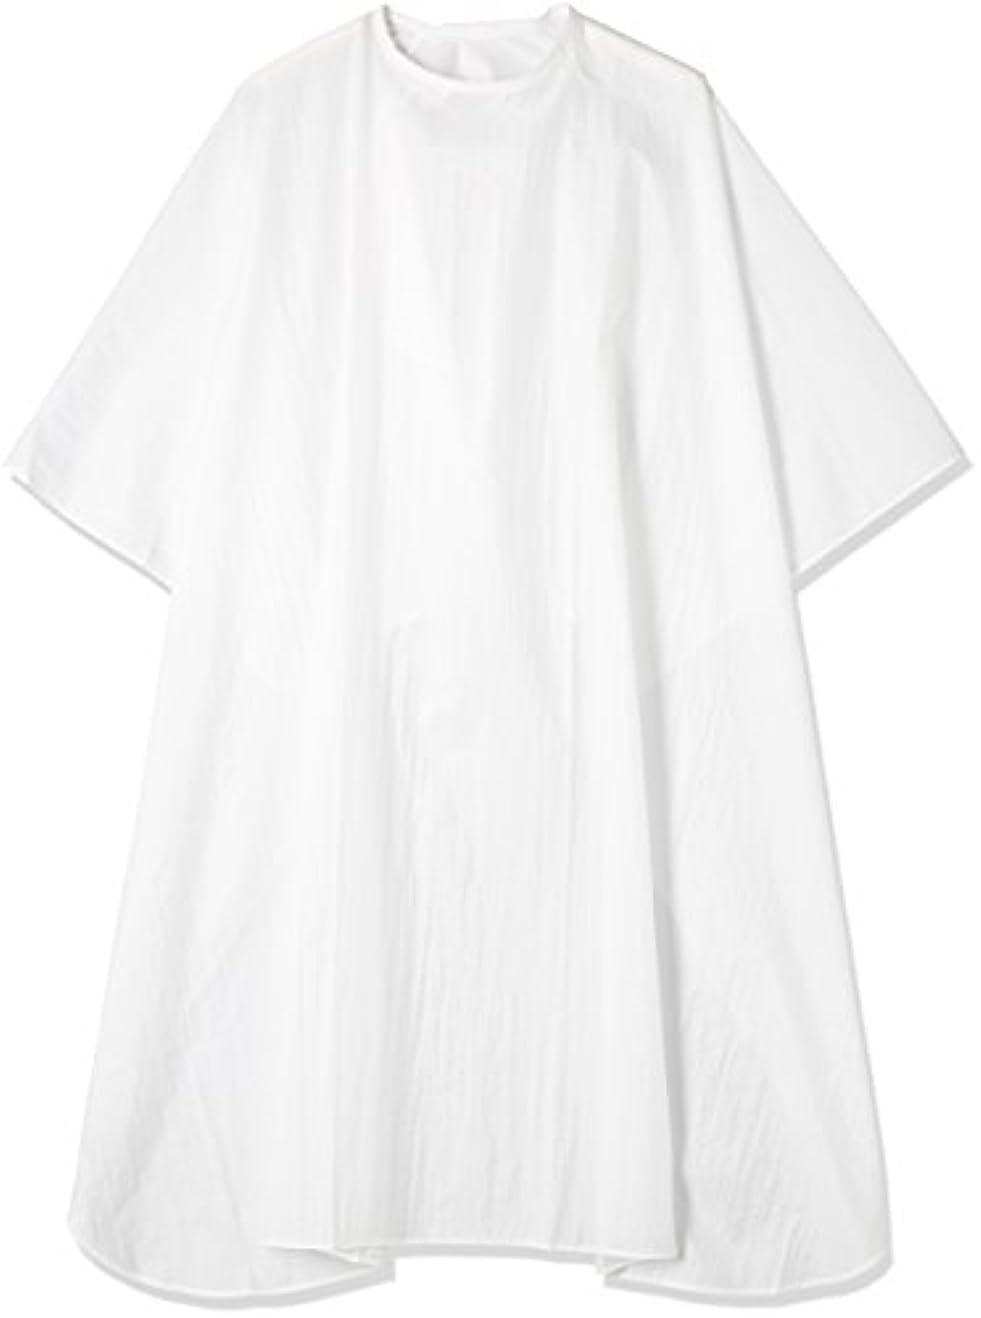 思いつく処理する読むエルコ シワカラー袖なしカット ホワイト60